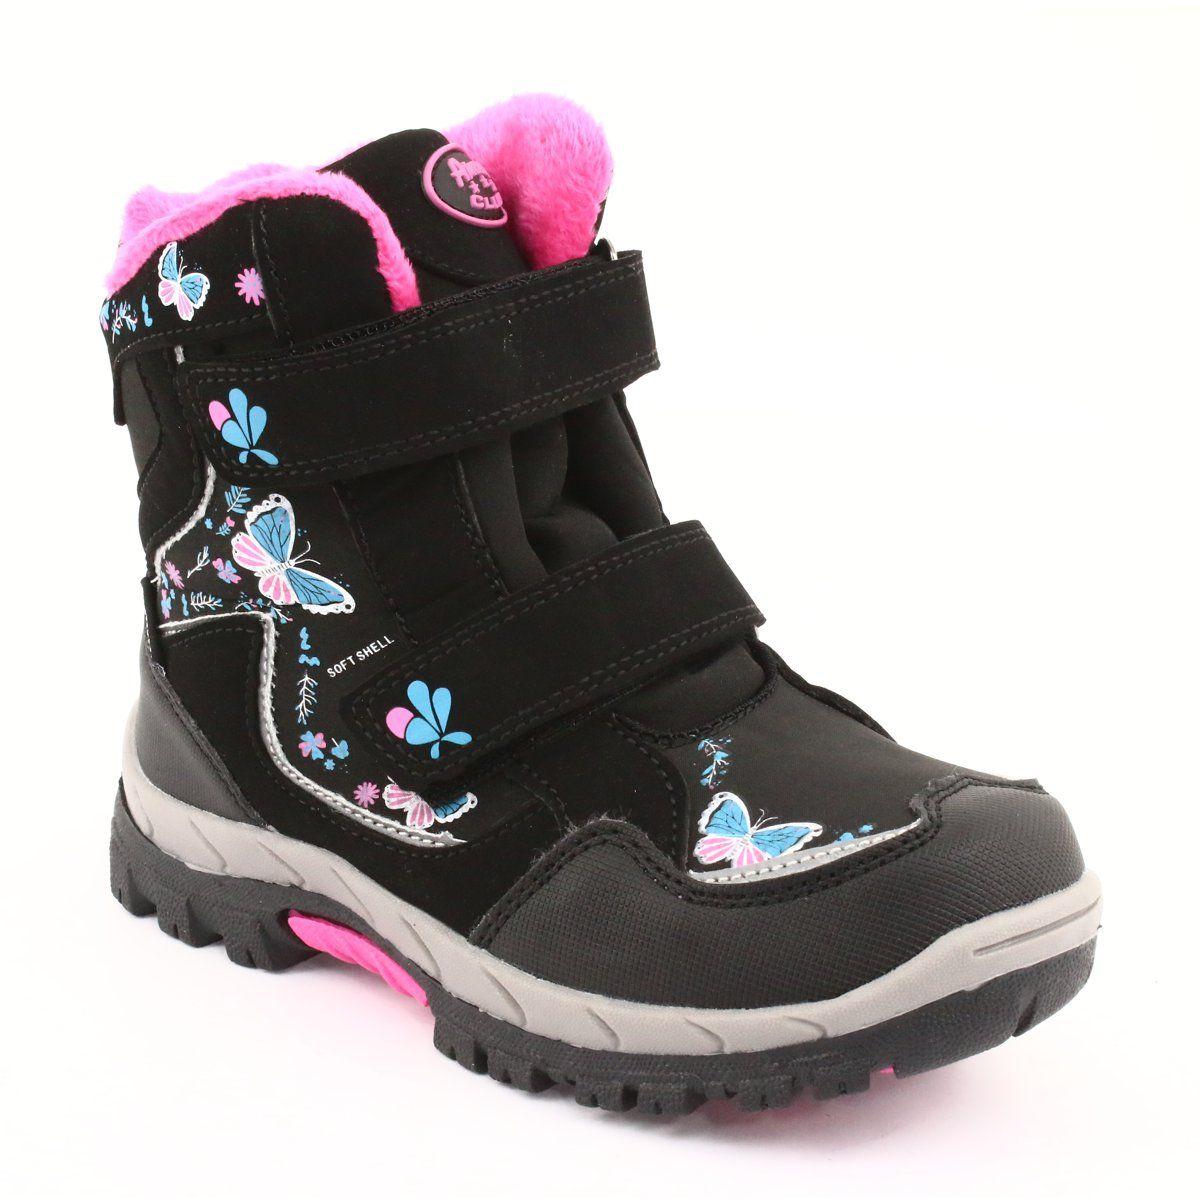 American Club Kozaki Z Membrana Hl27 Motyle Czarne Niebieskie Rozowe Boots Childrens Boots Winter Shoes